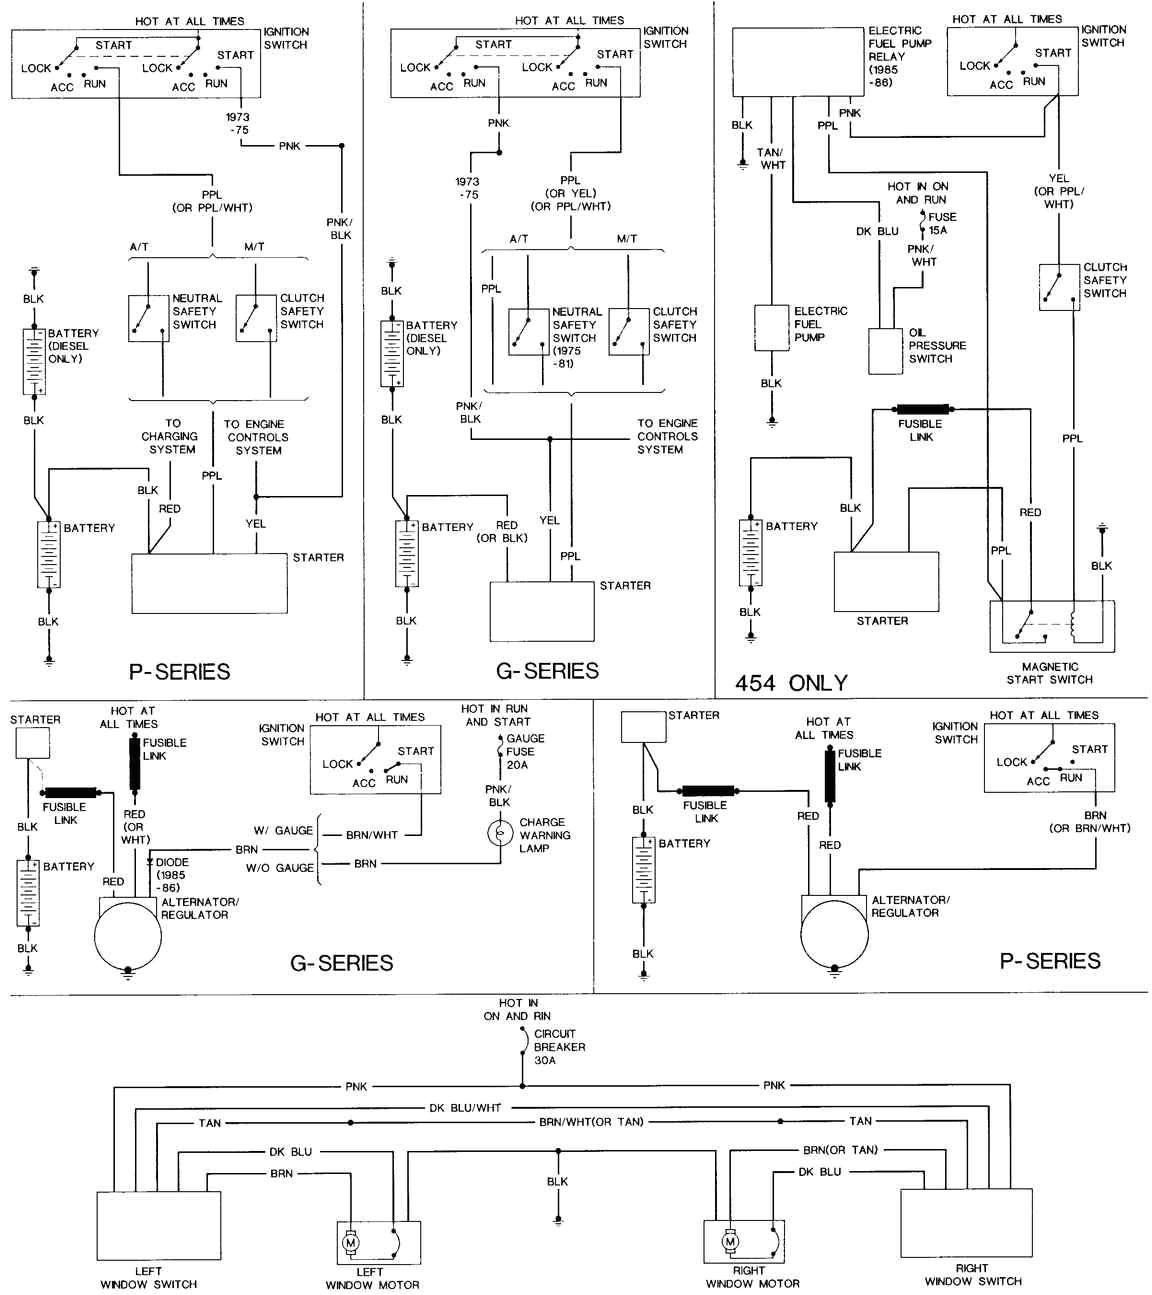 1980 gm steering column wiring diagram